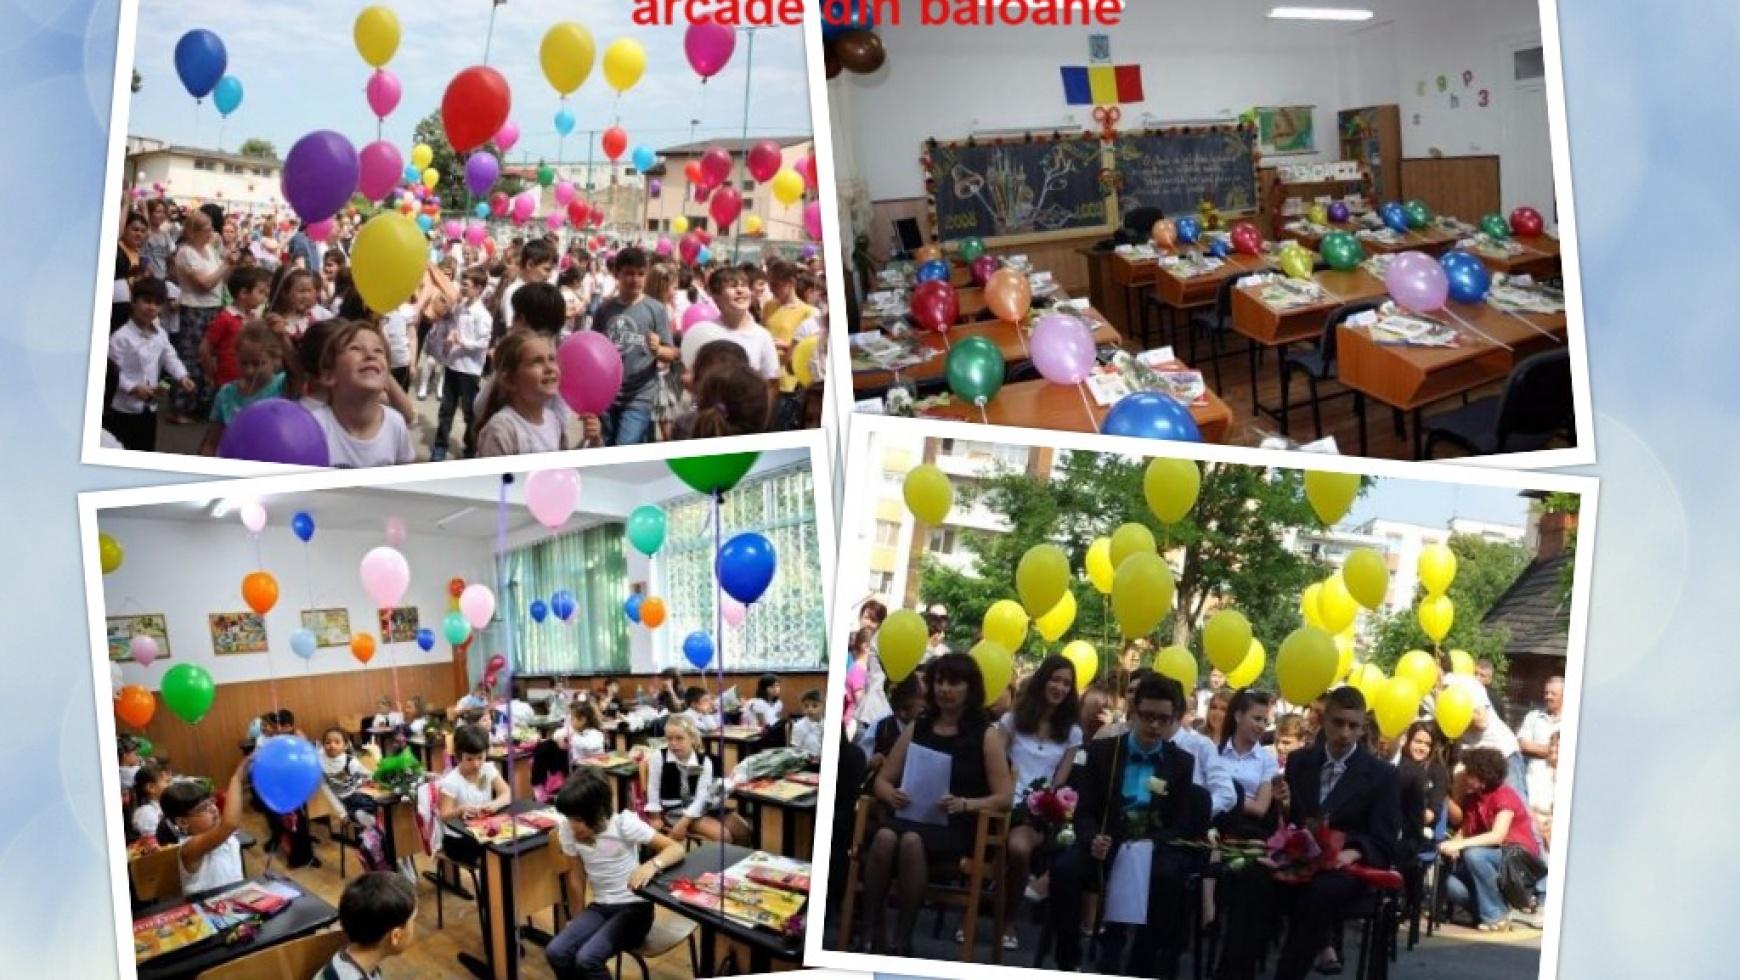 Baloane colorate pentru prima zi de scoala si festivitati